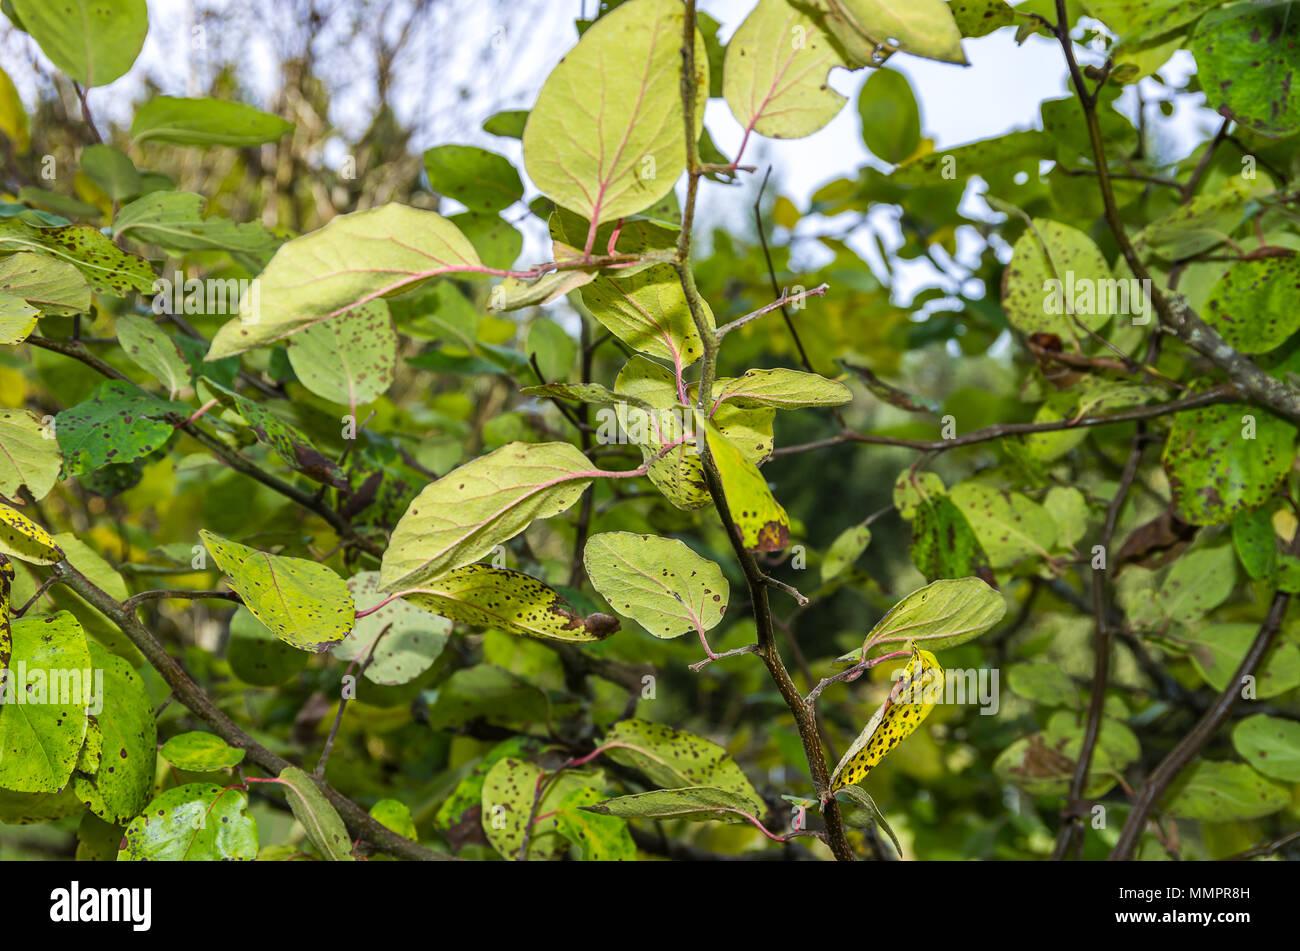 Quitte Baum voller Blätter in einem natürlichen Garten Umwelt. Stockfoto